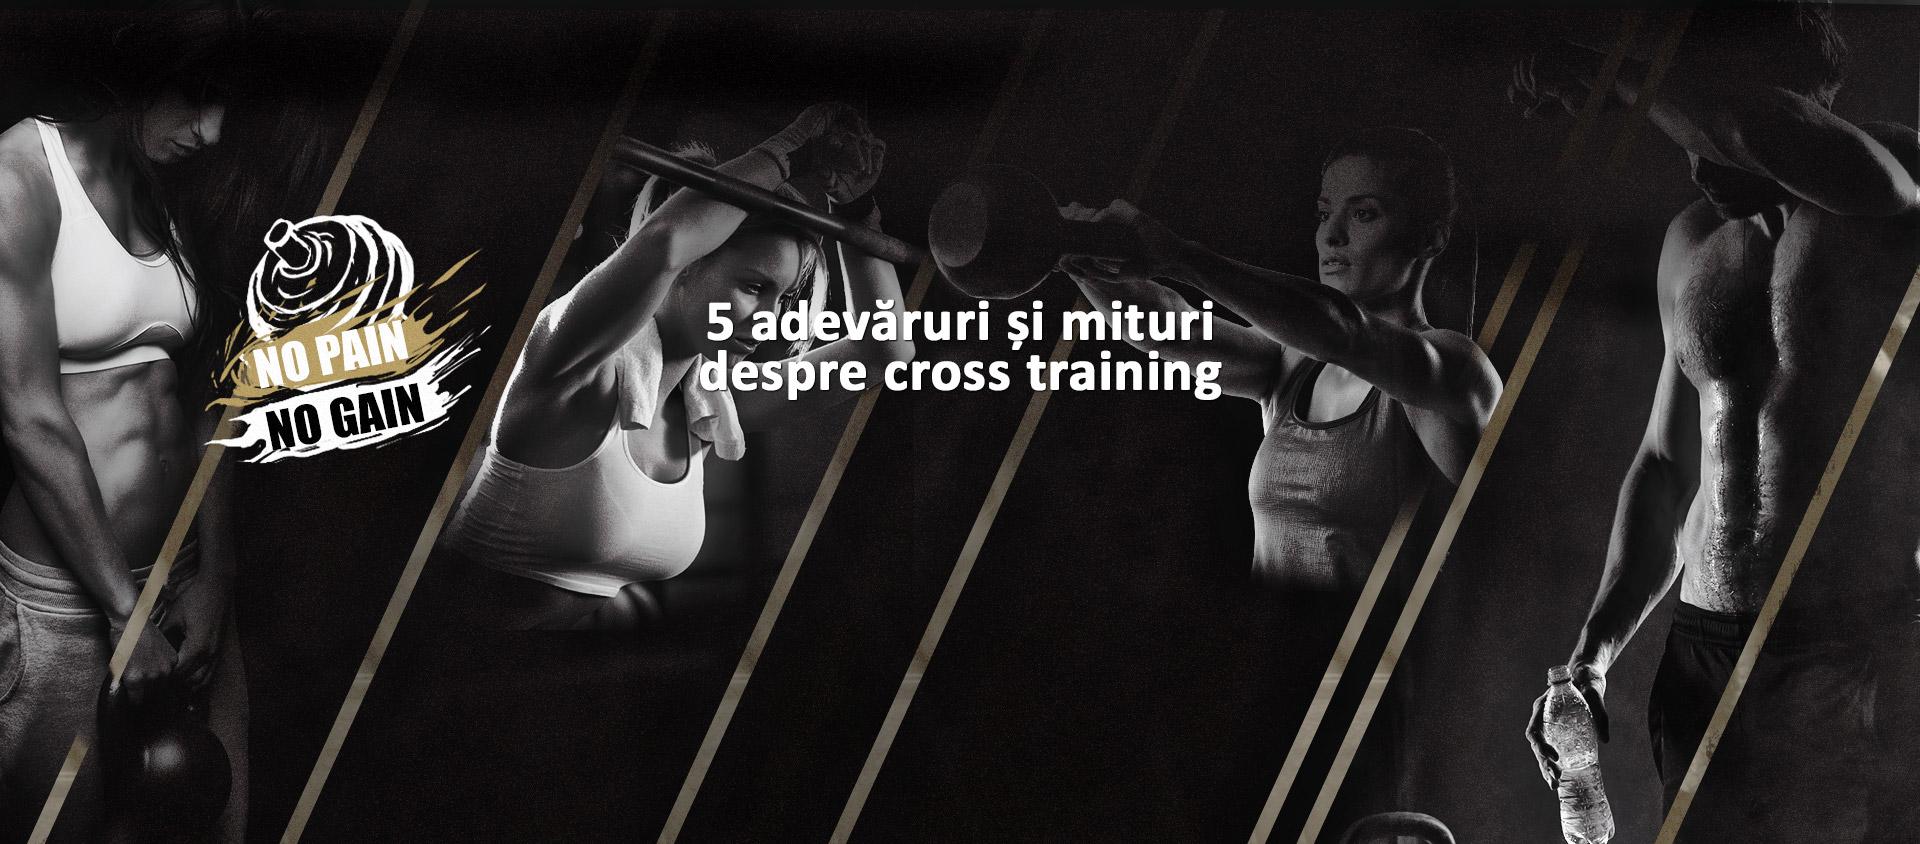 5 adevăruri și mituri despre cross training